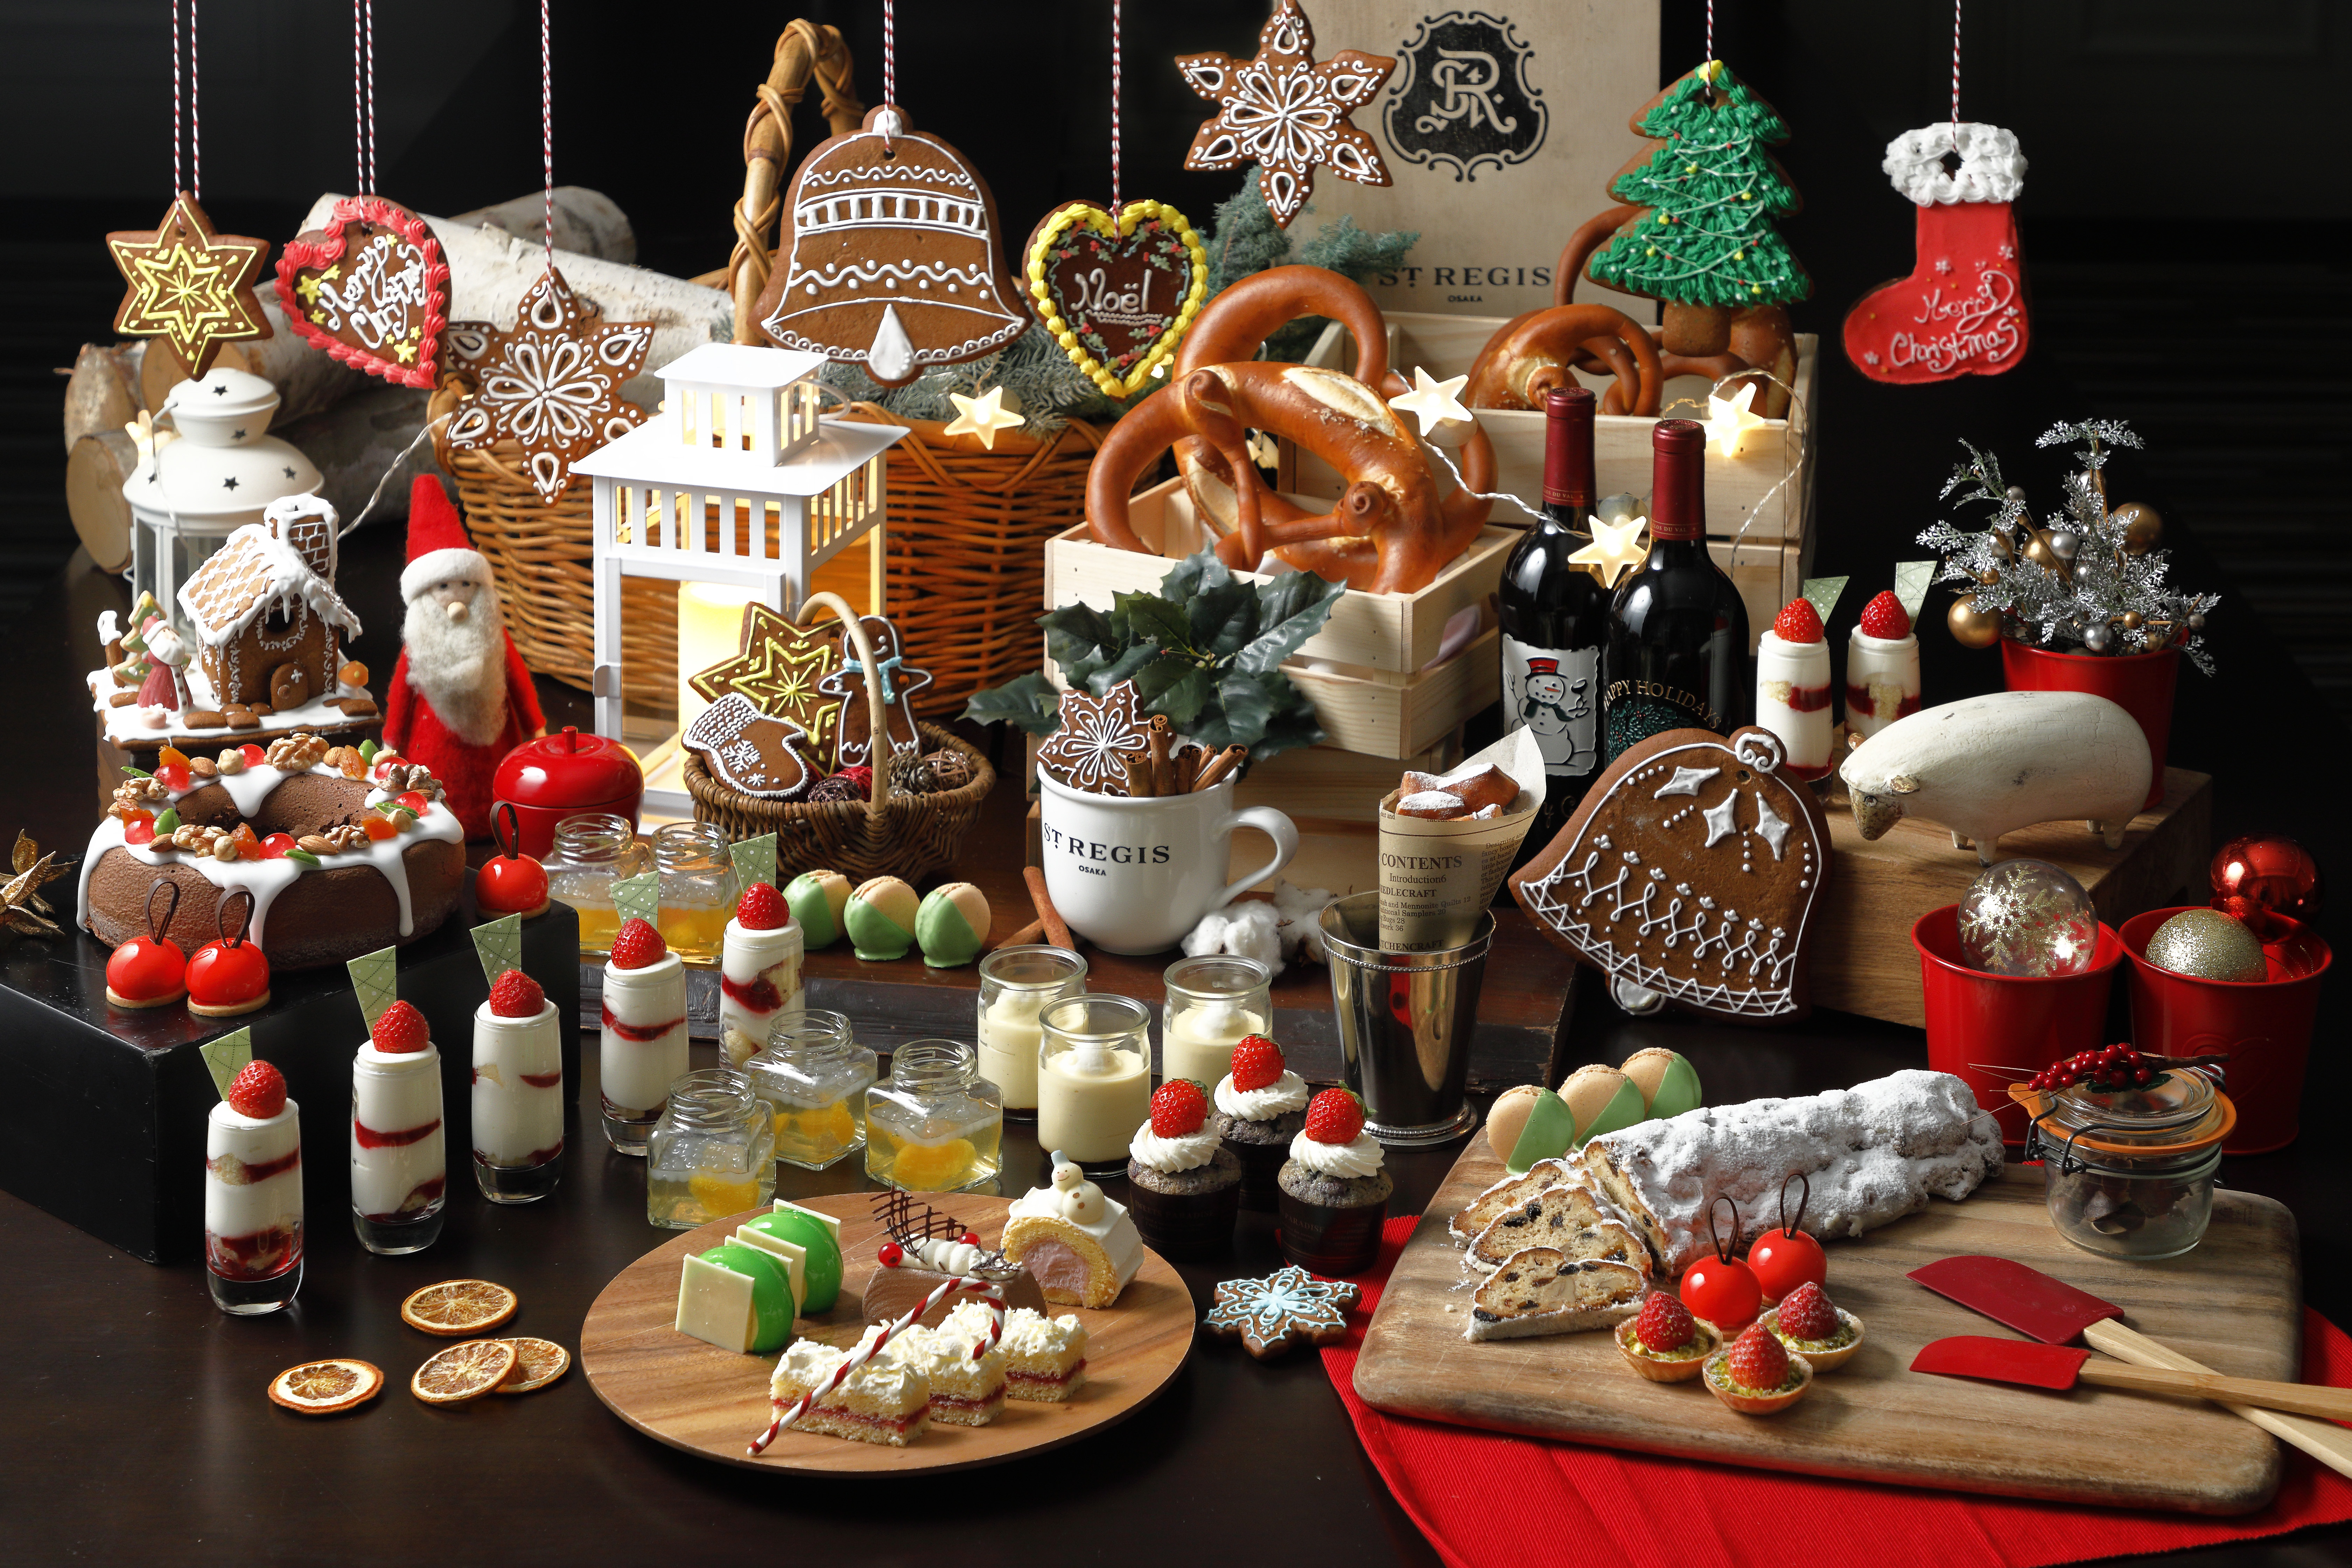 セント レジス ホテル 大阪 冬季限定デザートブッフェ「クリスマスマーケット」を開催